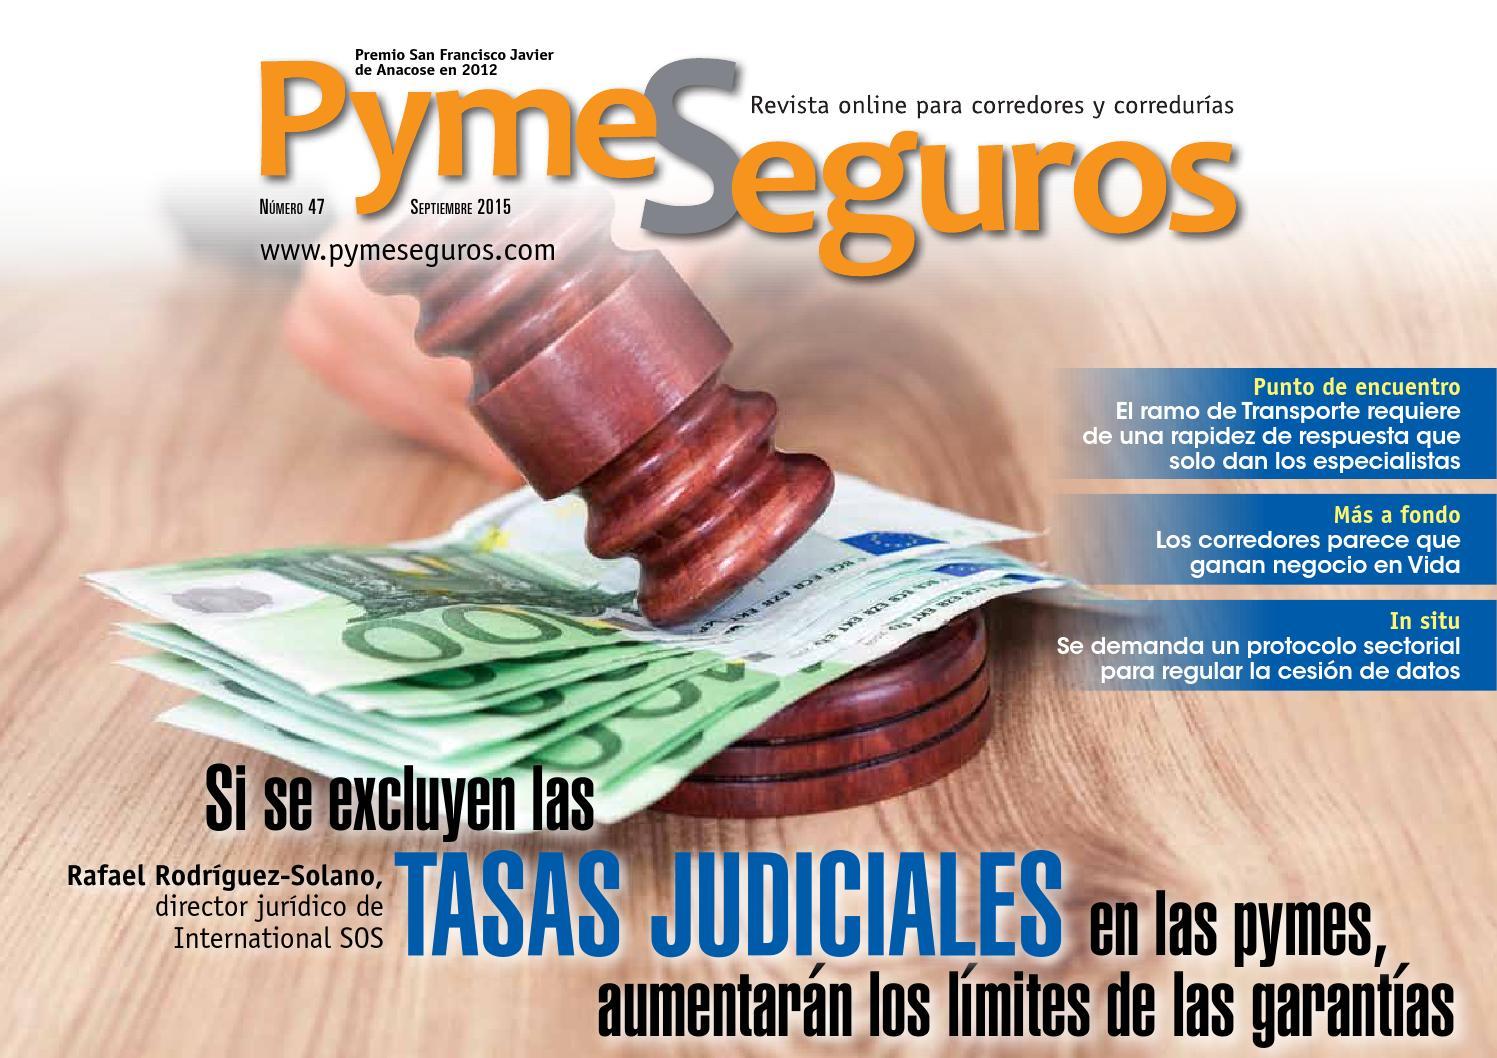 Pymeseguros n 47 by Carmen Peña - issuu